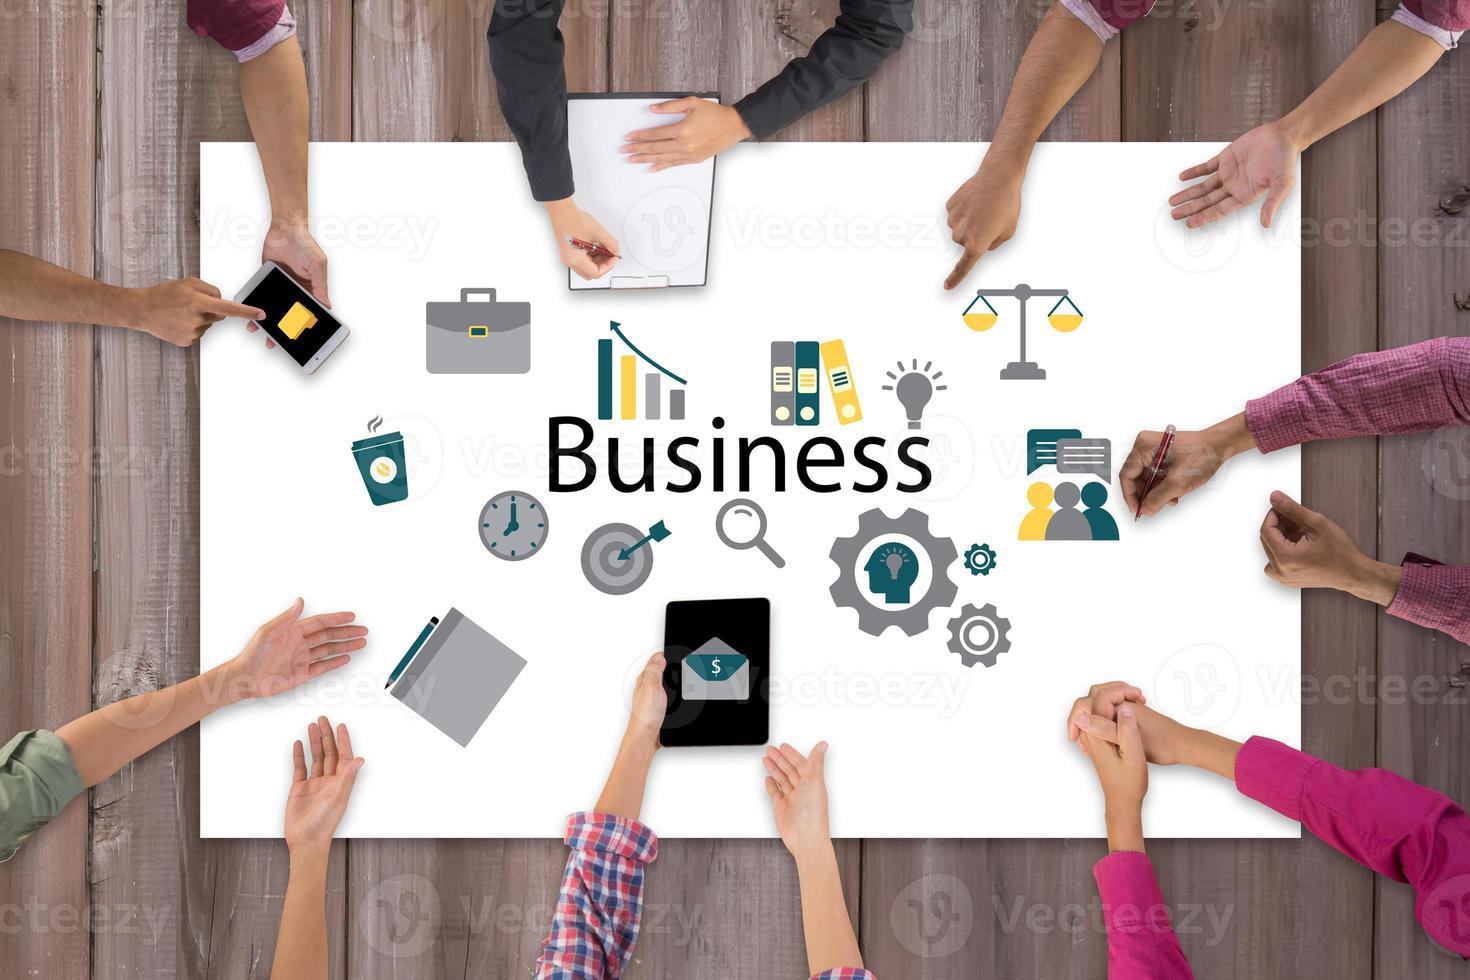 Vista superior de la reunión y discusión del equipo empresarial con ideas y diseño de iconos creativos foto